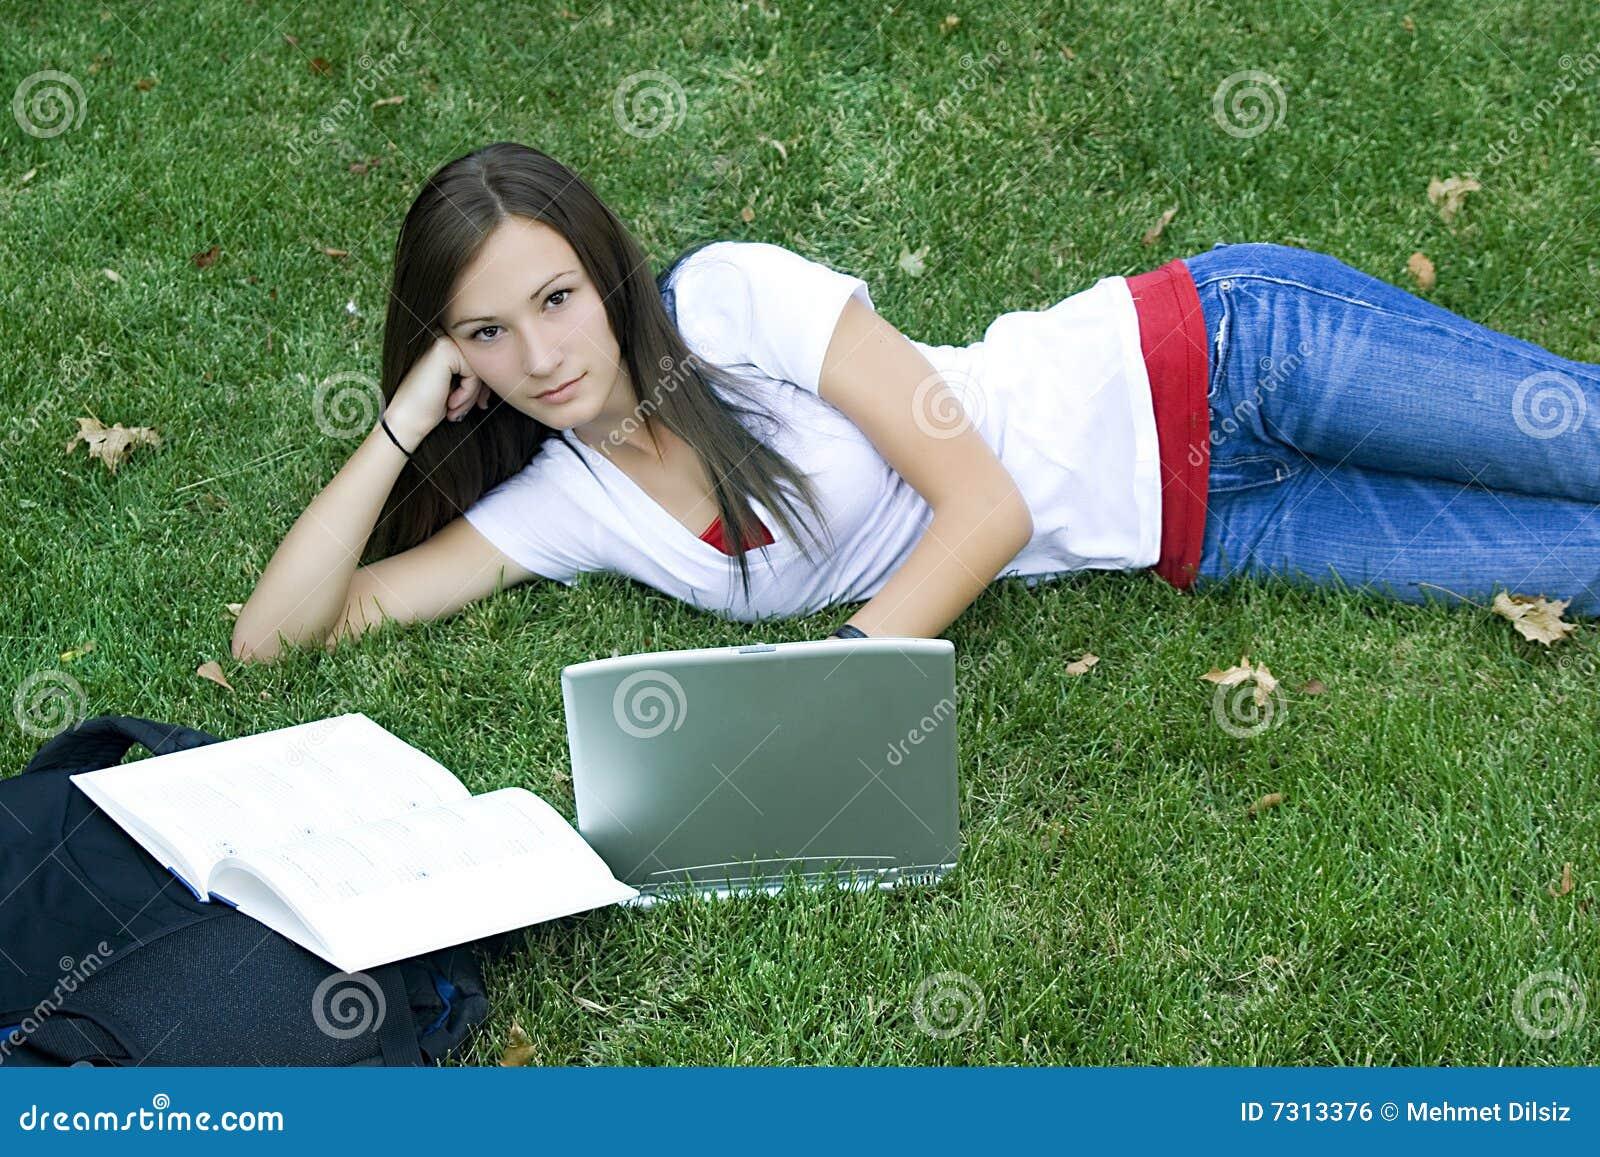 free internet teen filter